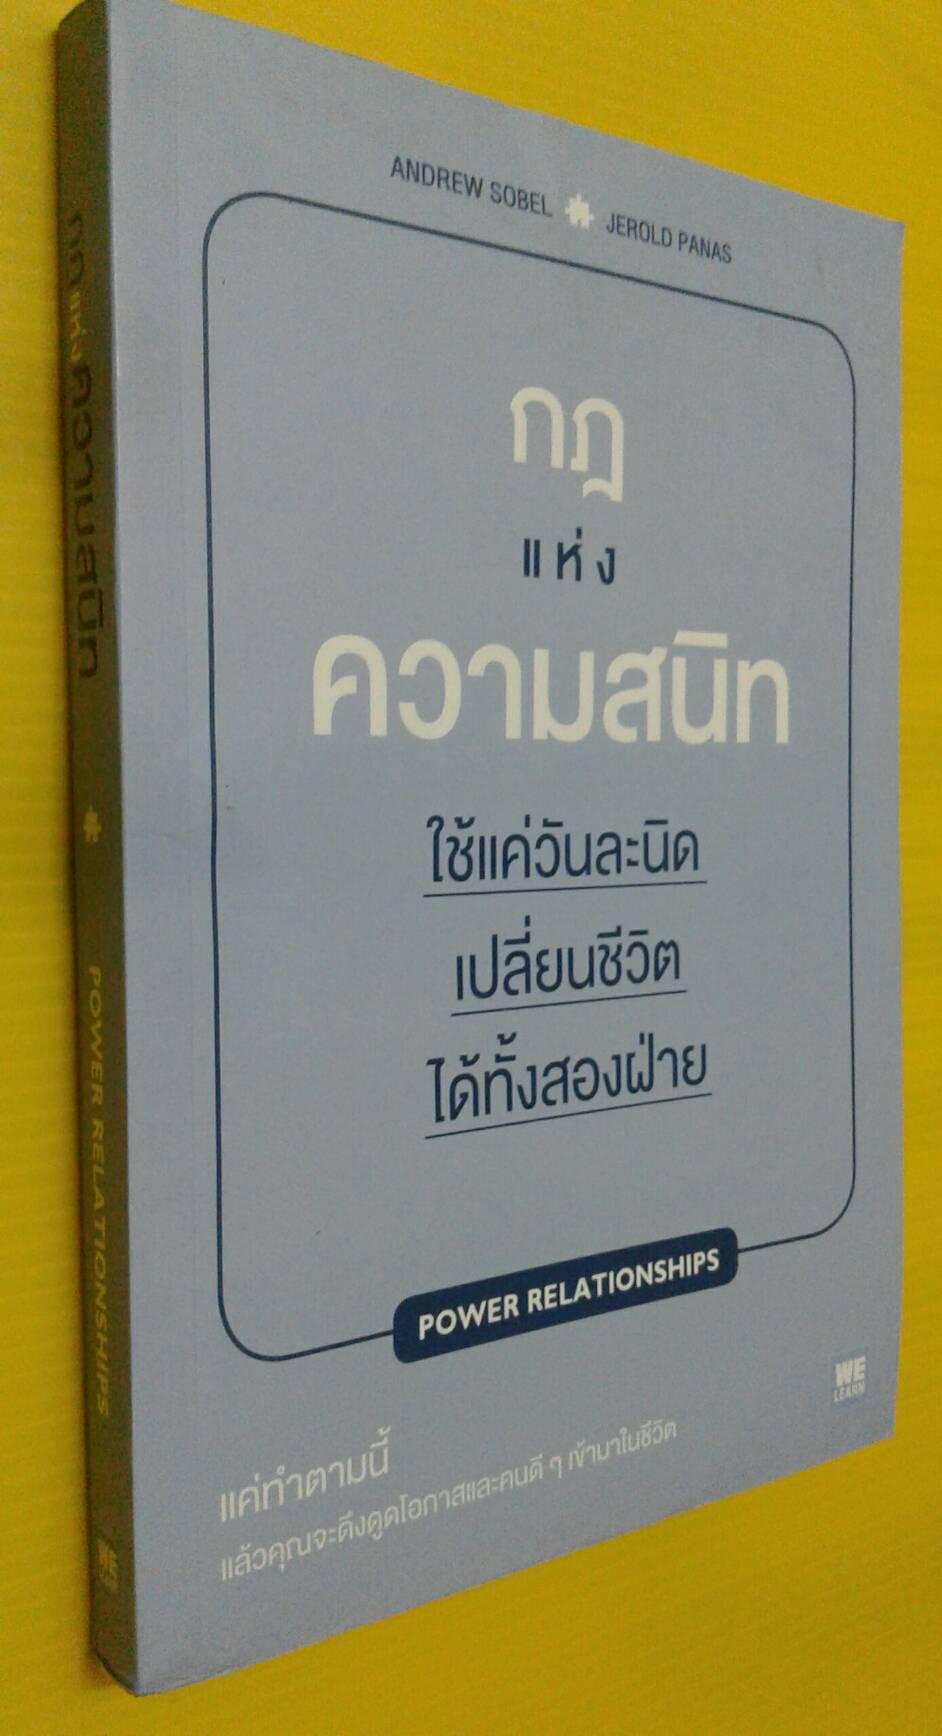 กฎแห่งความสนิท ใช้แค่วันละนิดเปลี่ยนชีวิตได้ทั้งสองฝ่าย : Power Relationships